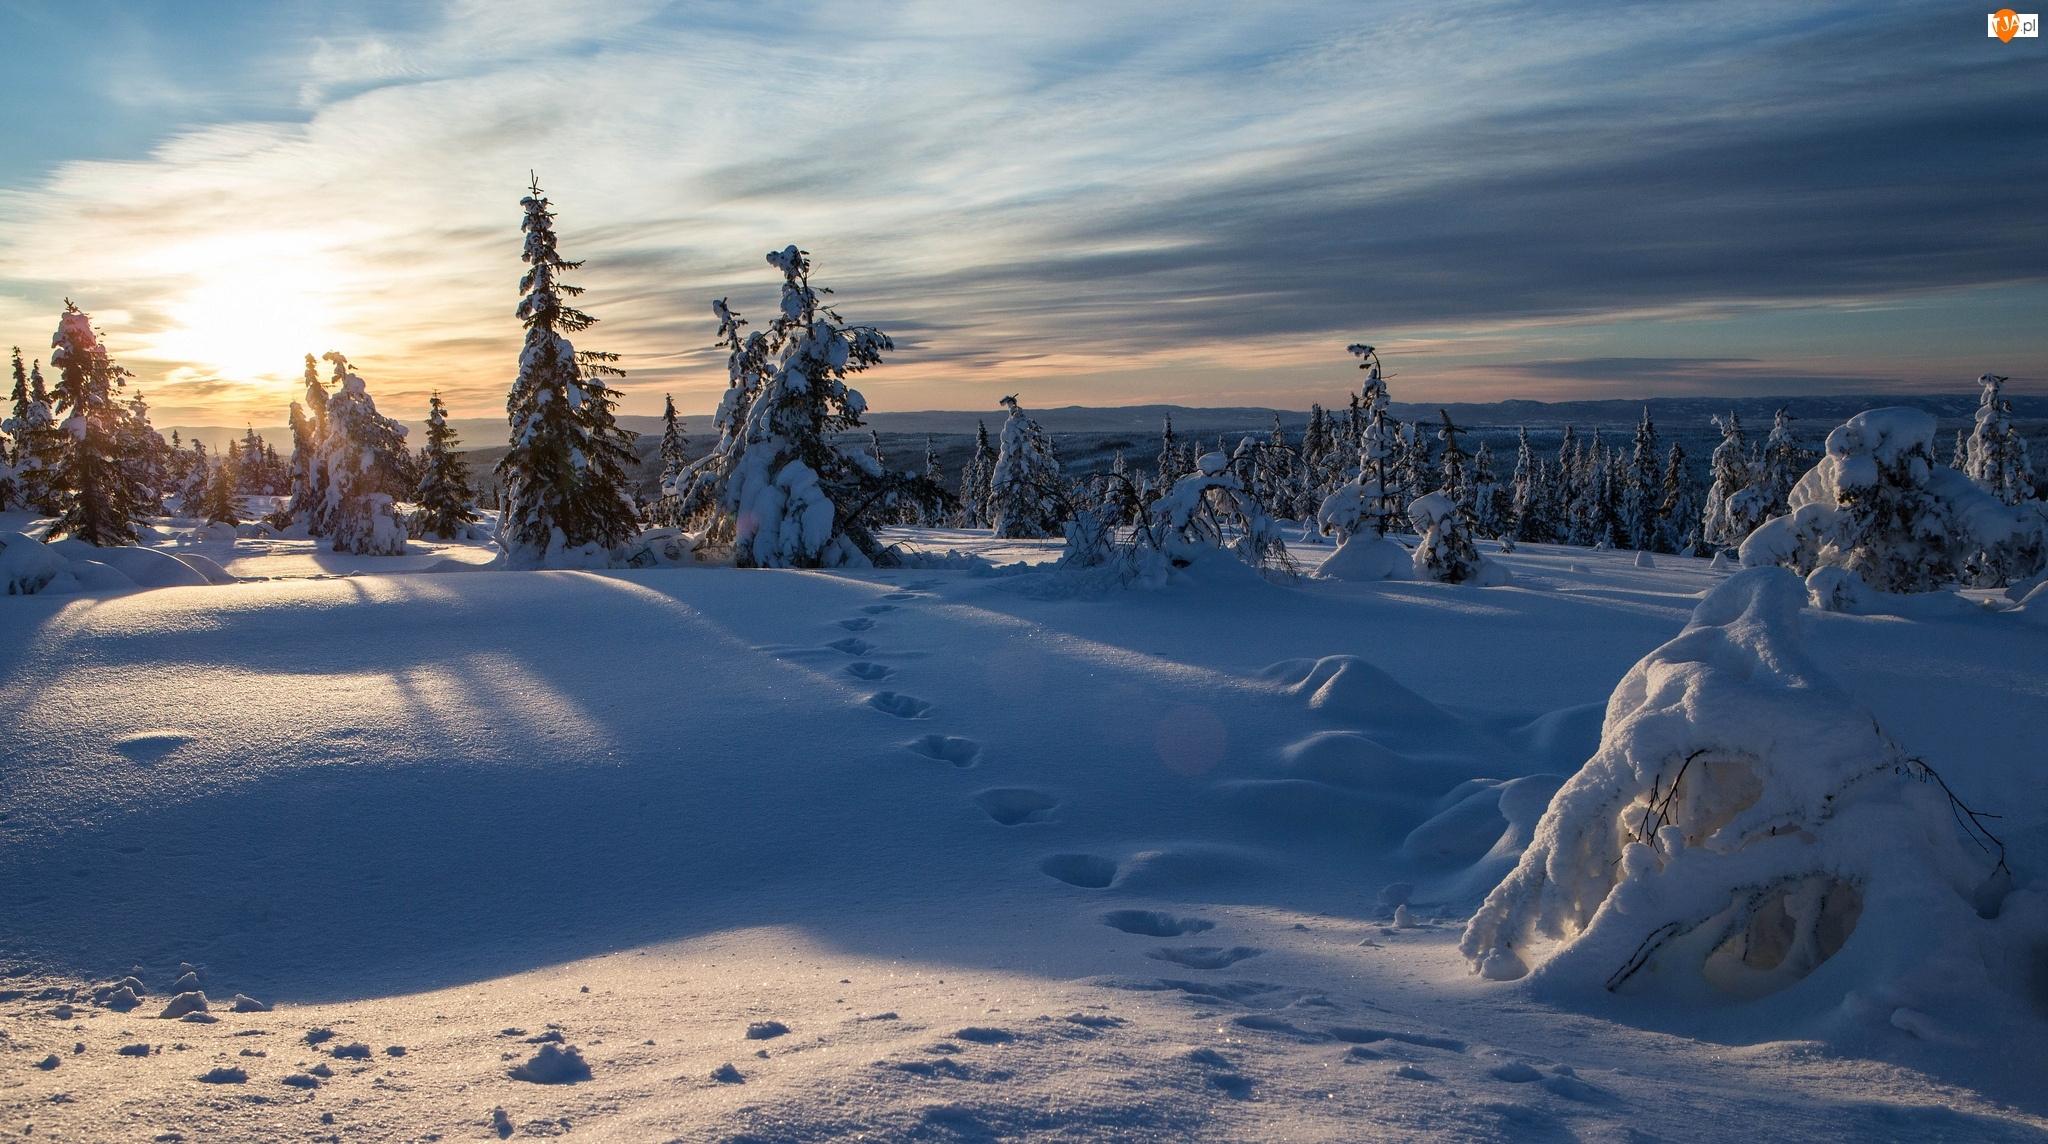 Las, Świerki, Wschód słońca, Zima